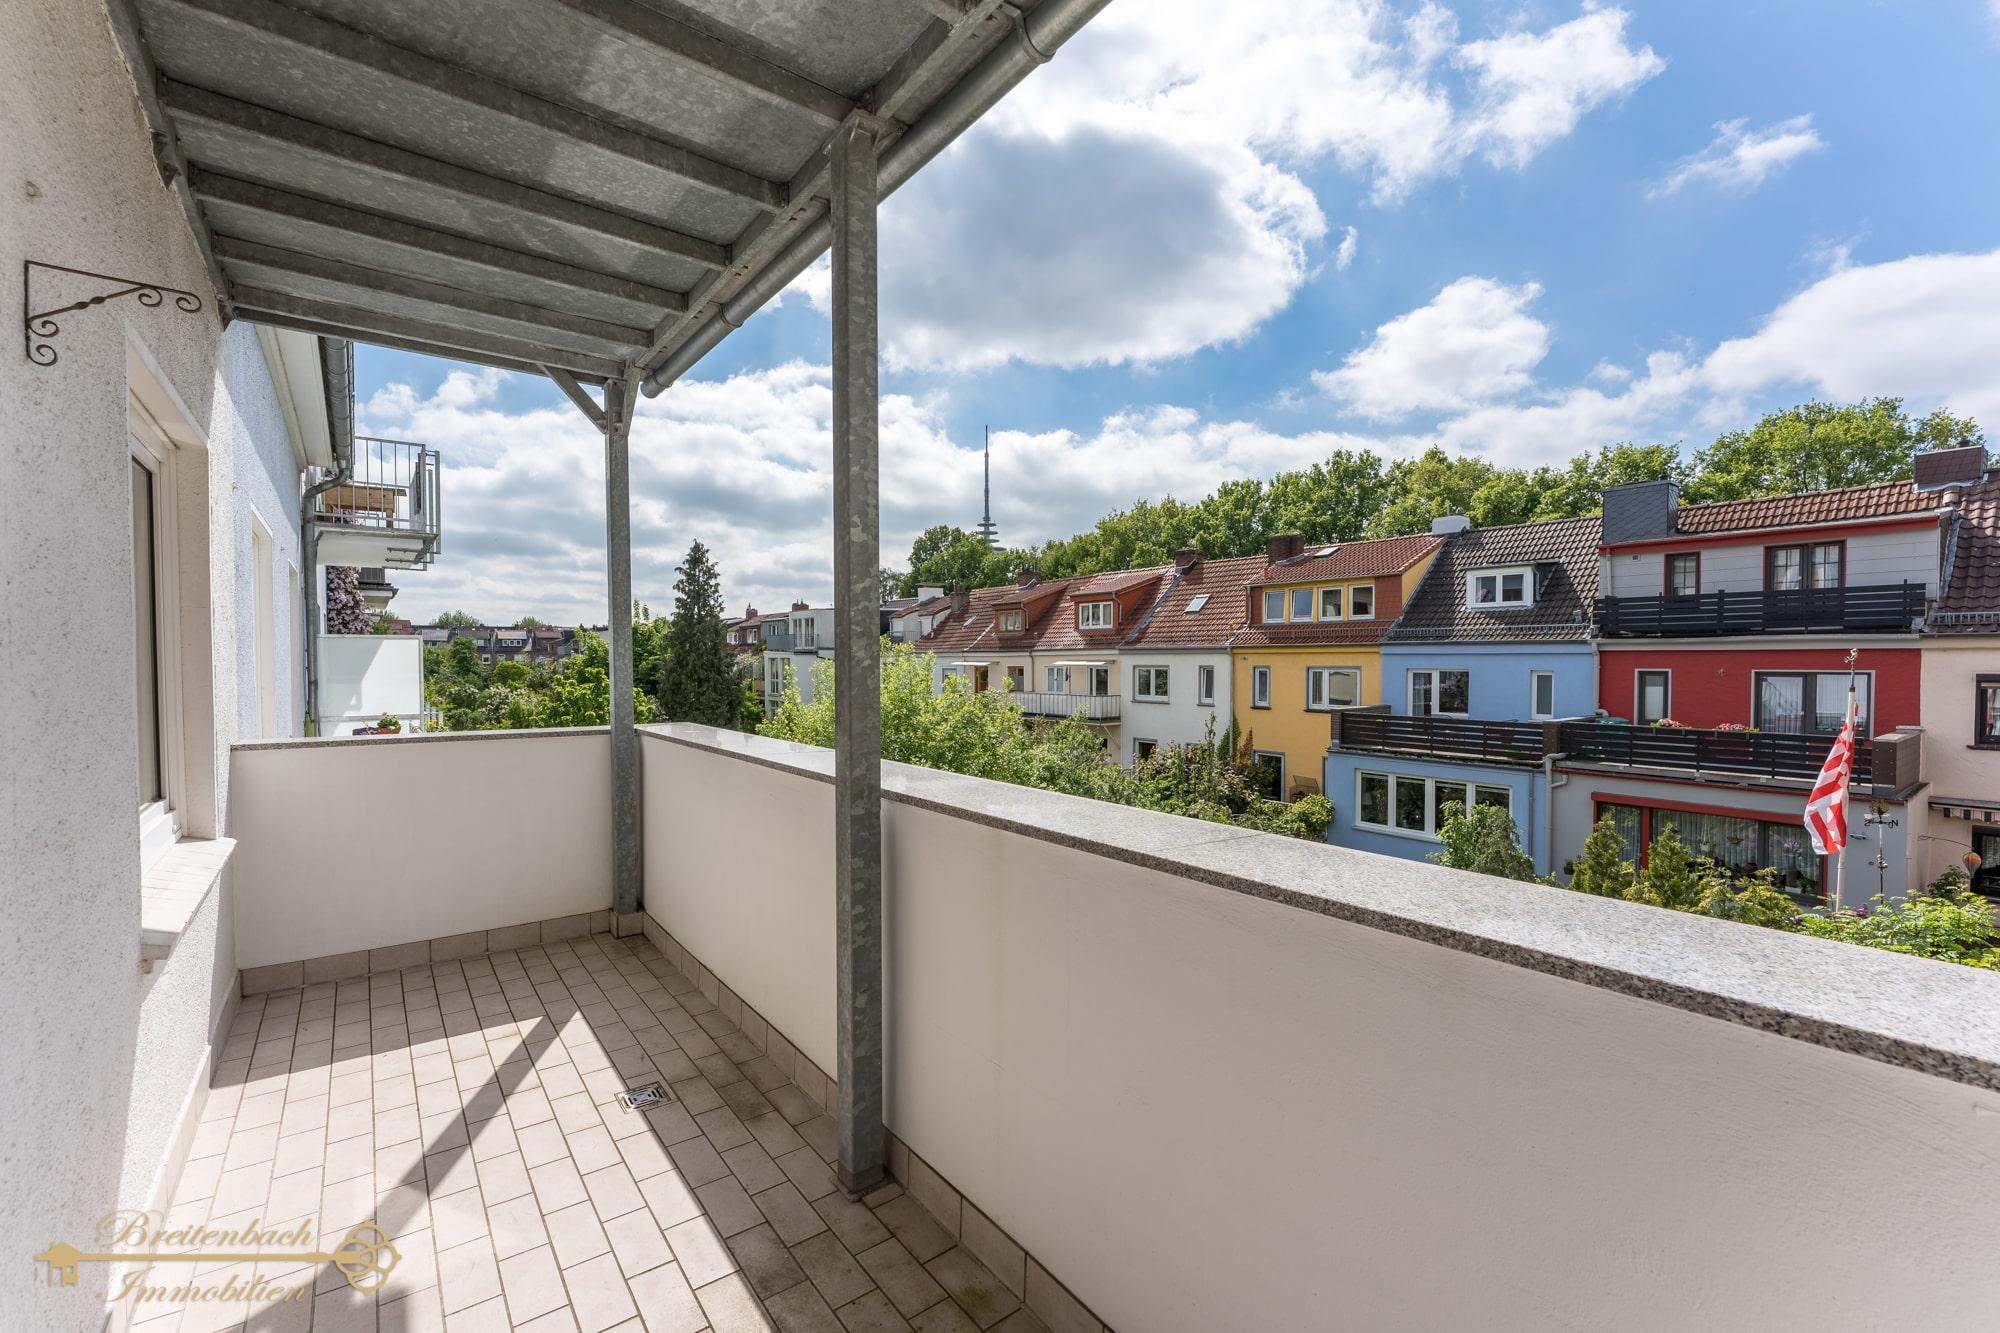 2021-05-29-Breitenbach-Immobilien-Makler-Bremen-12-min